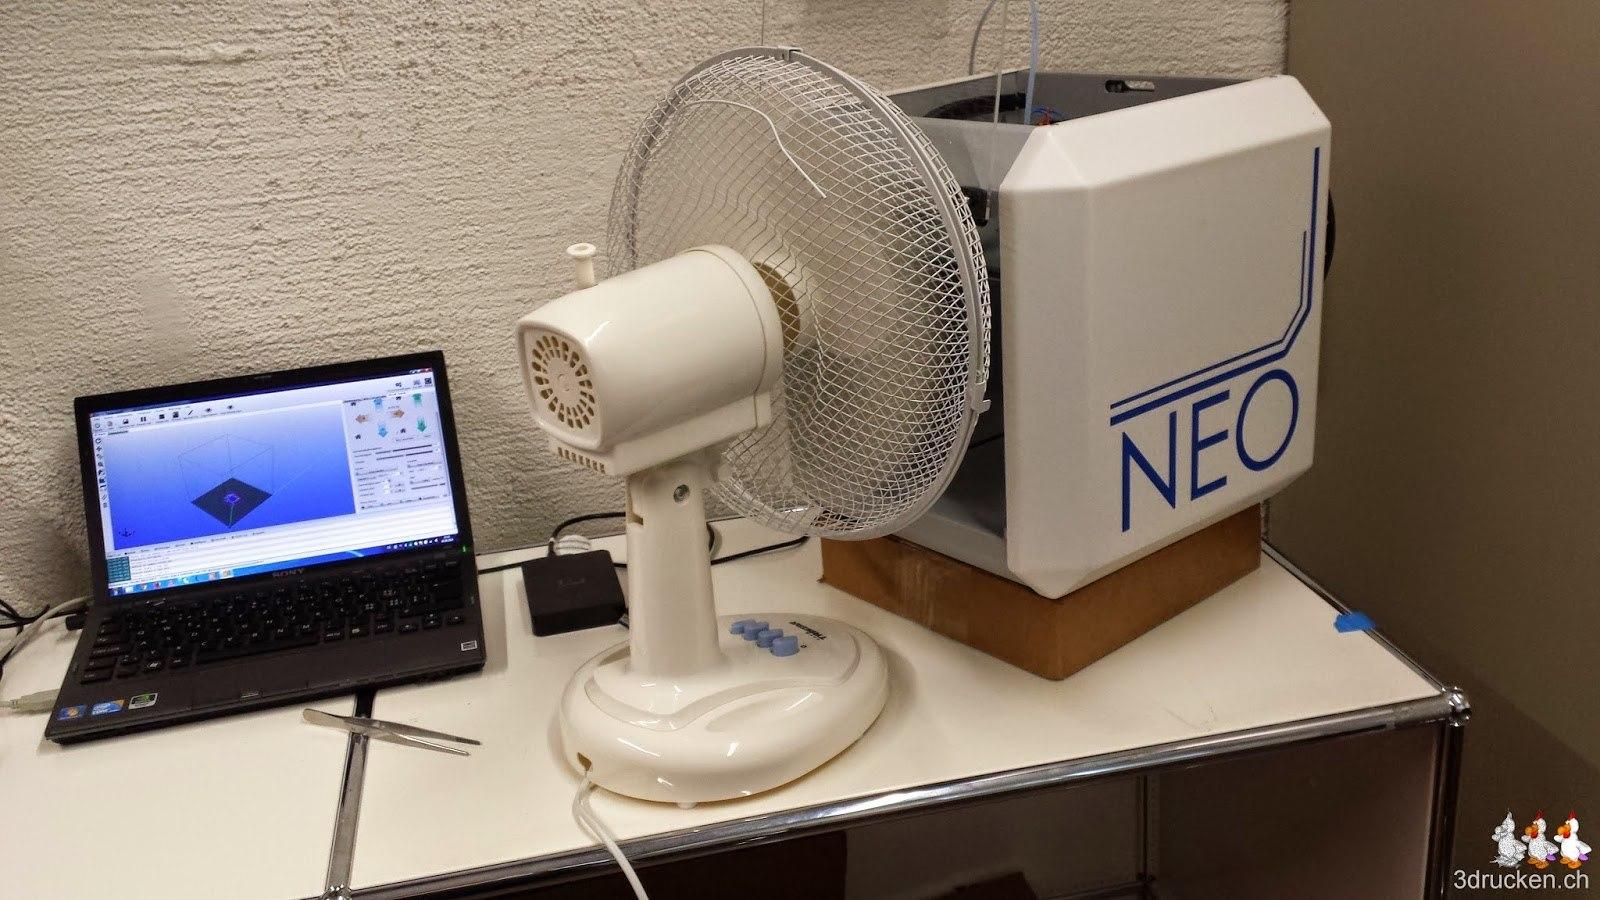 Foto der Testanordnung mit NEO, Ventilator und Notebook